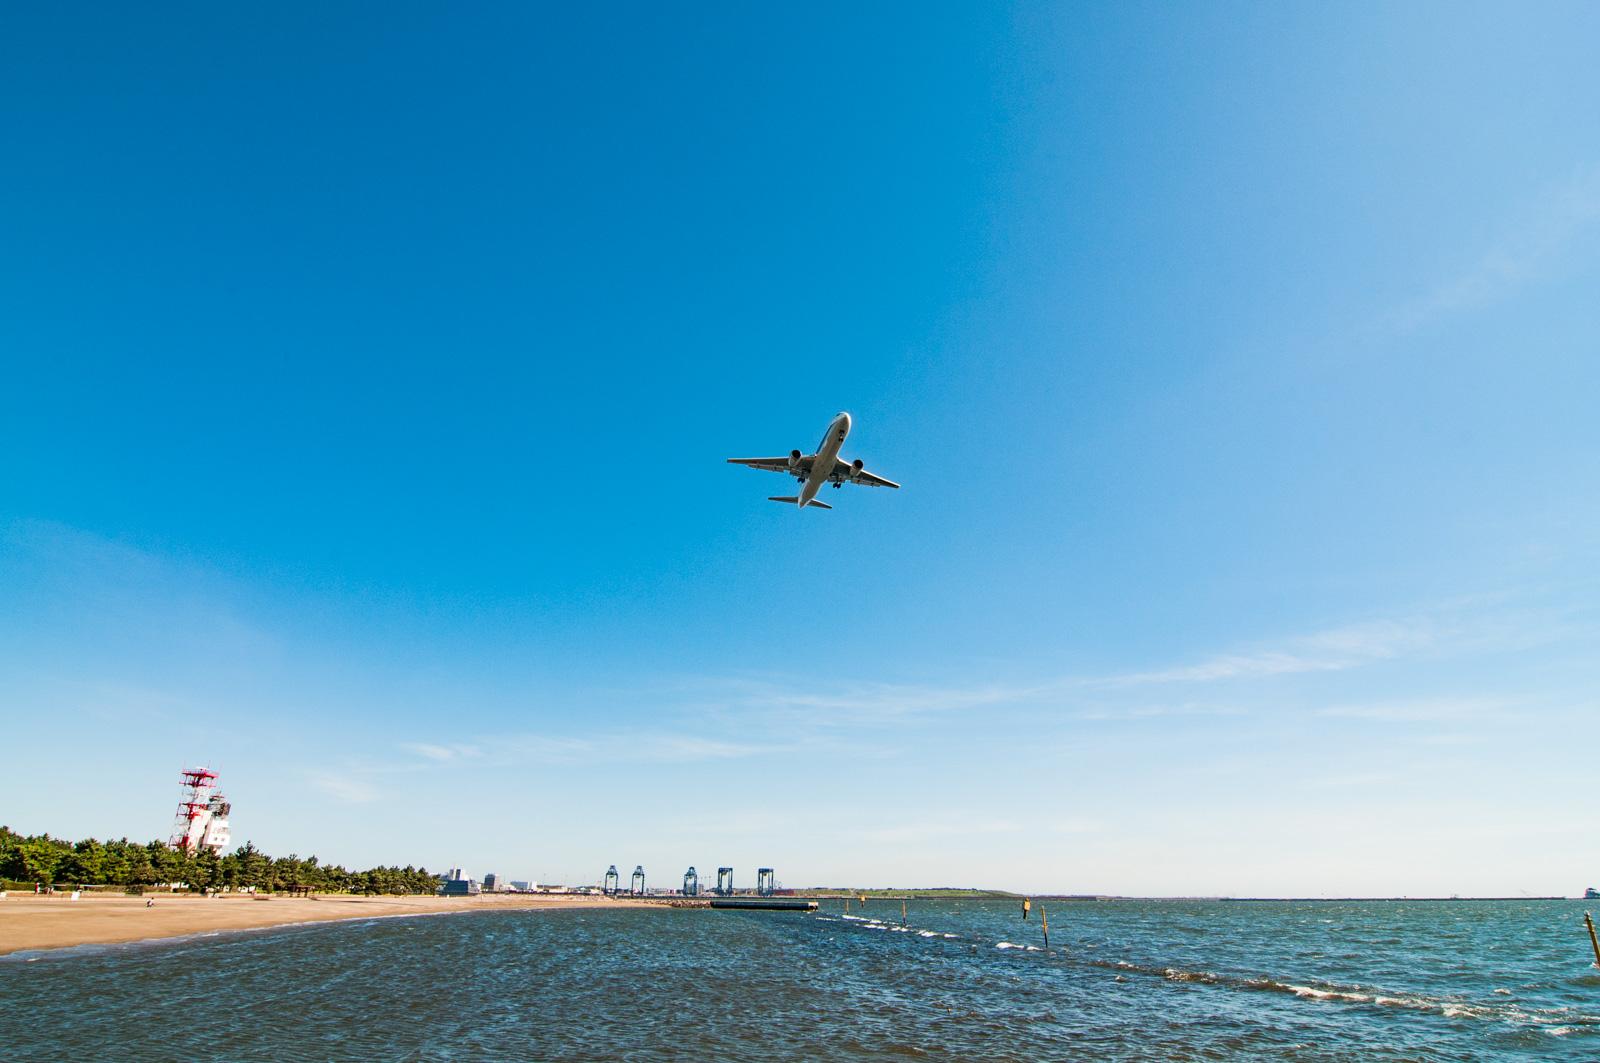 ようやく晴れた日の城南島海浜公園で、羽田沖の飛行機が撮影できました(随分前・・・)